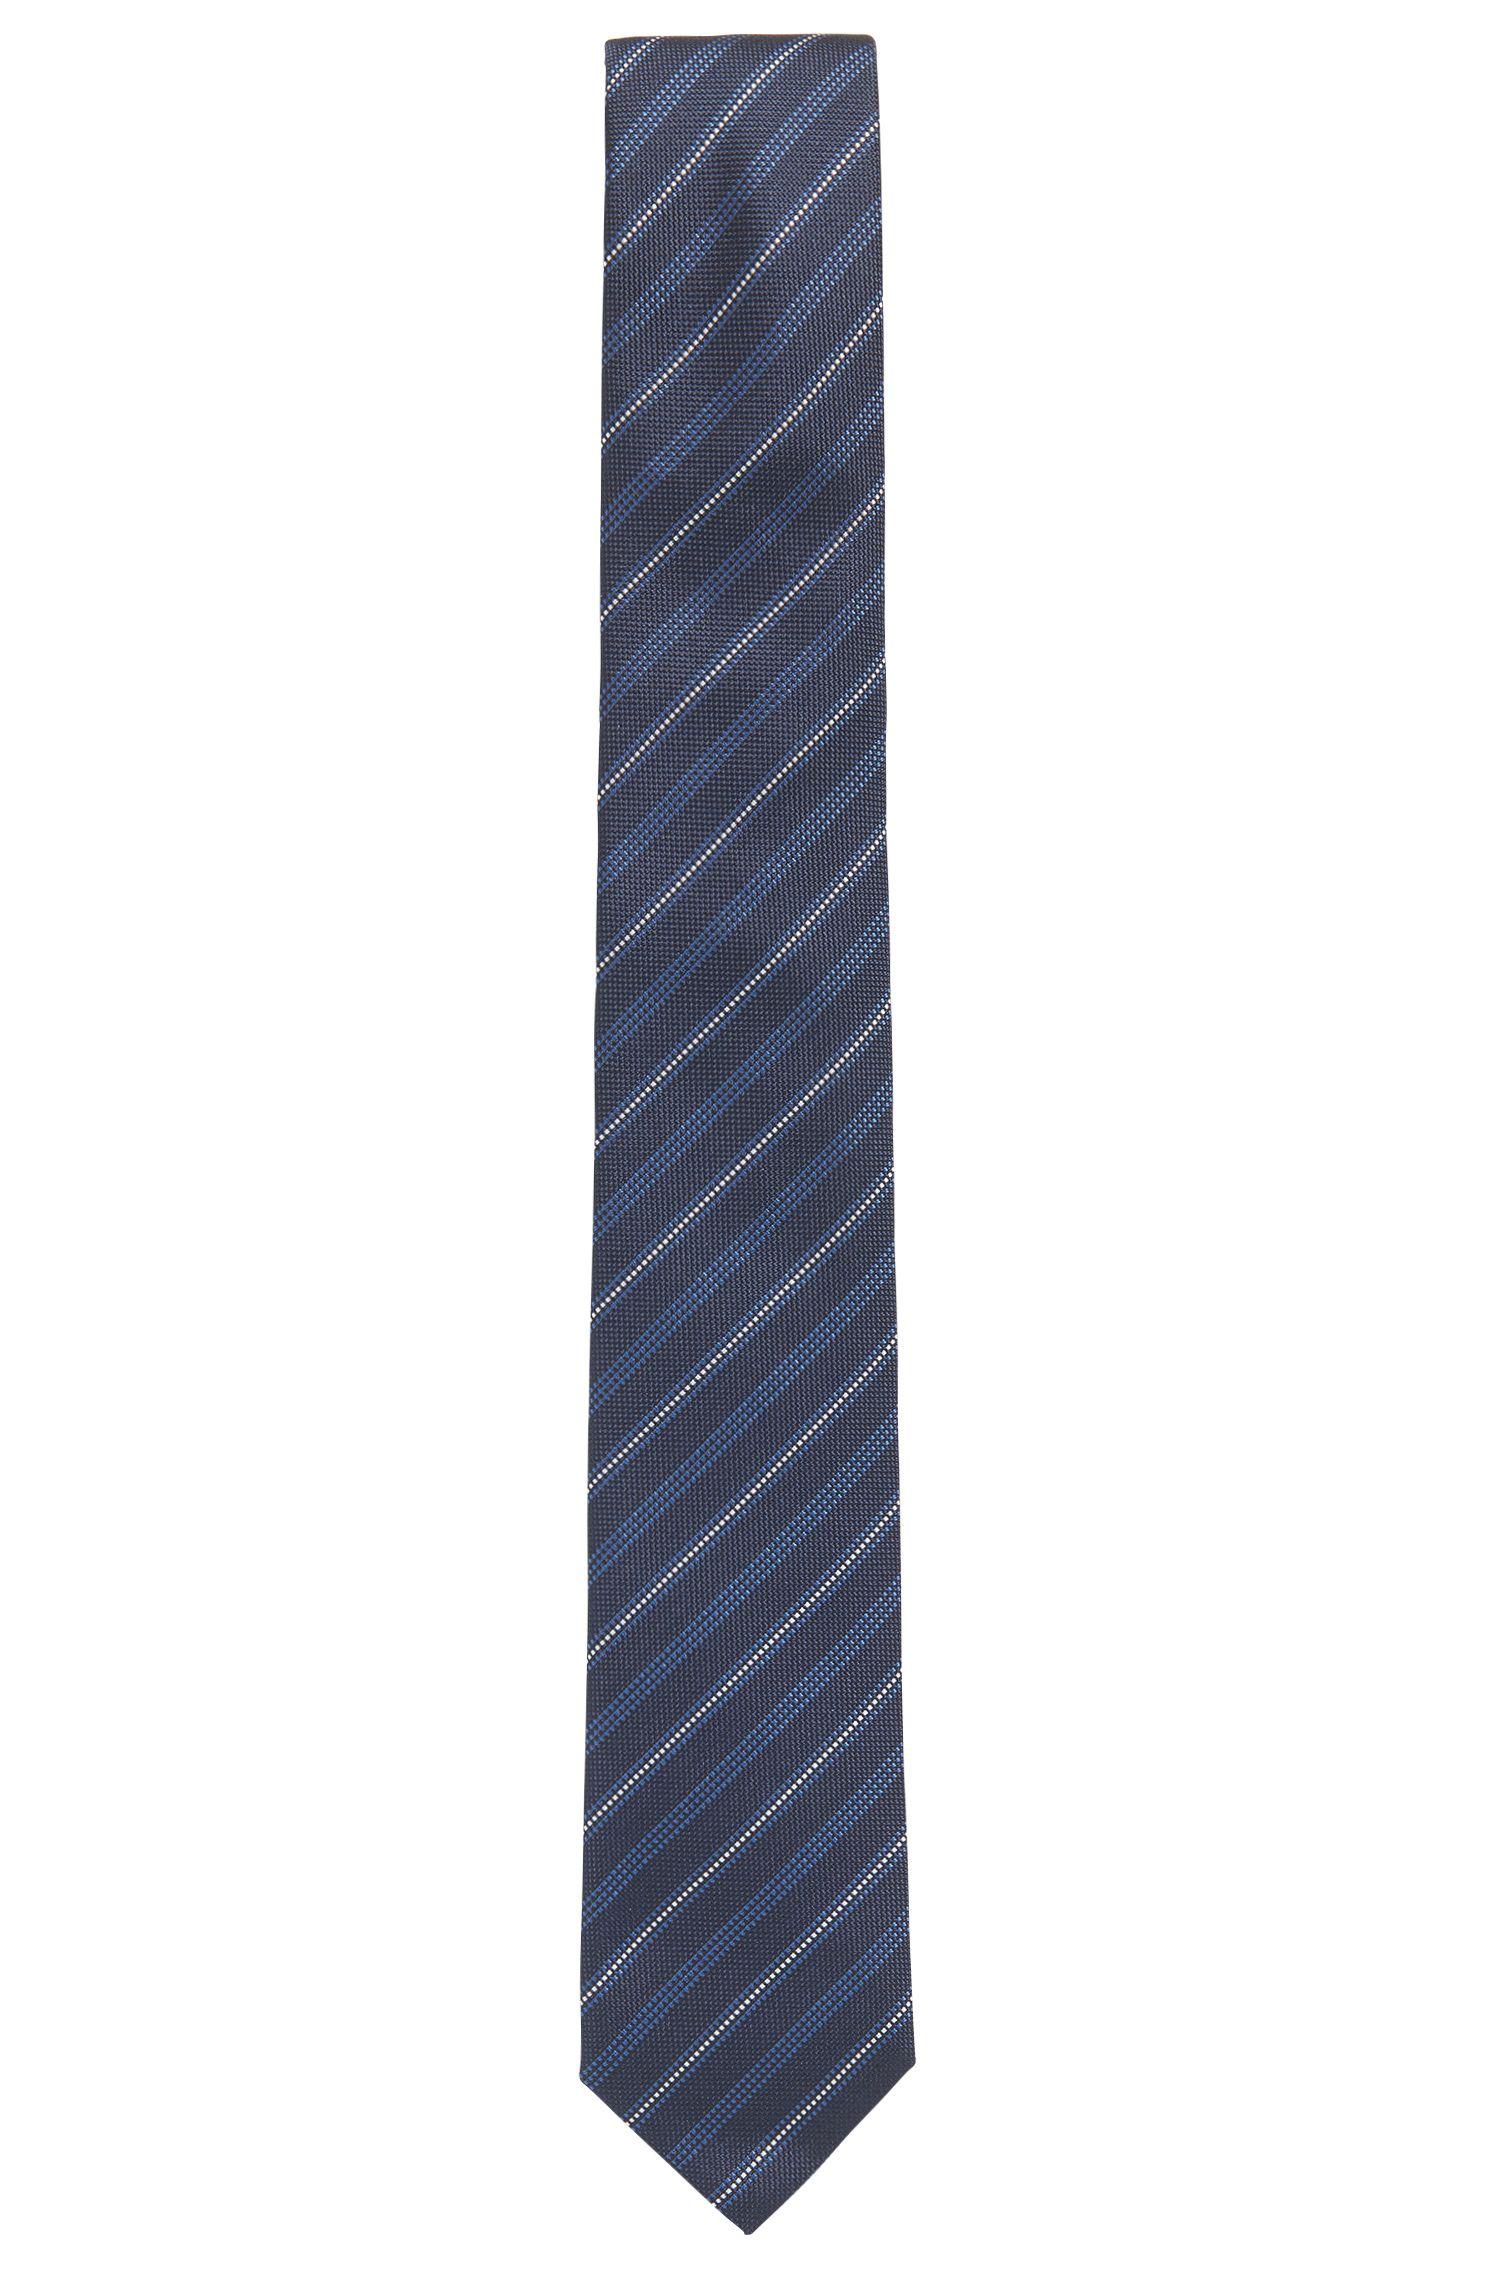 Krawatte aus Seiden-Jacquard mit diagonalen Streifen